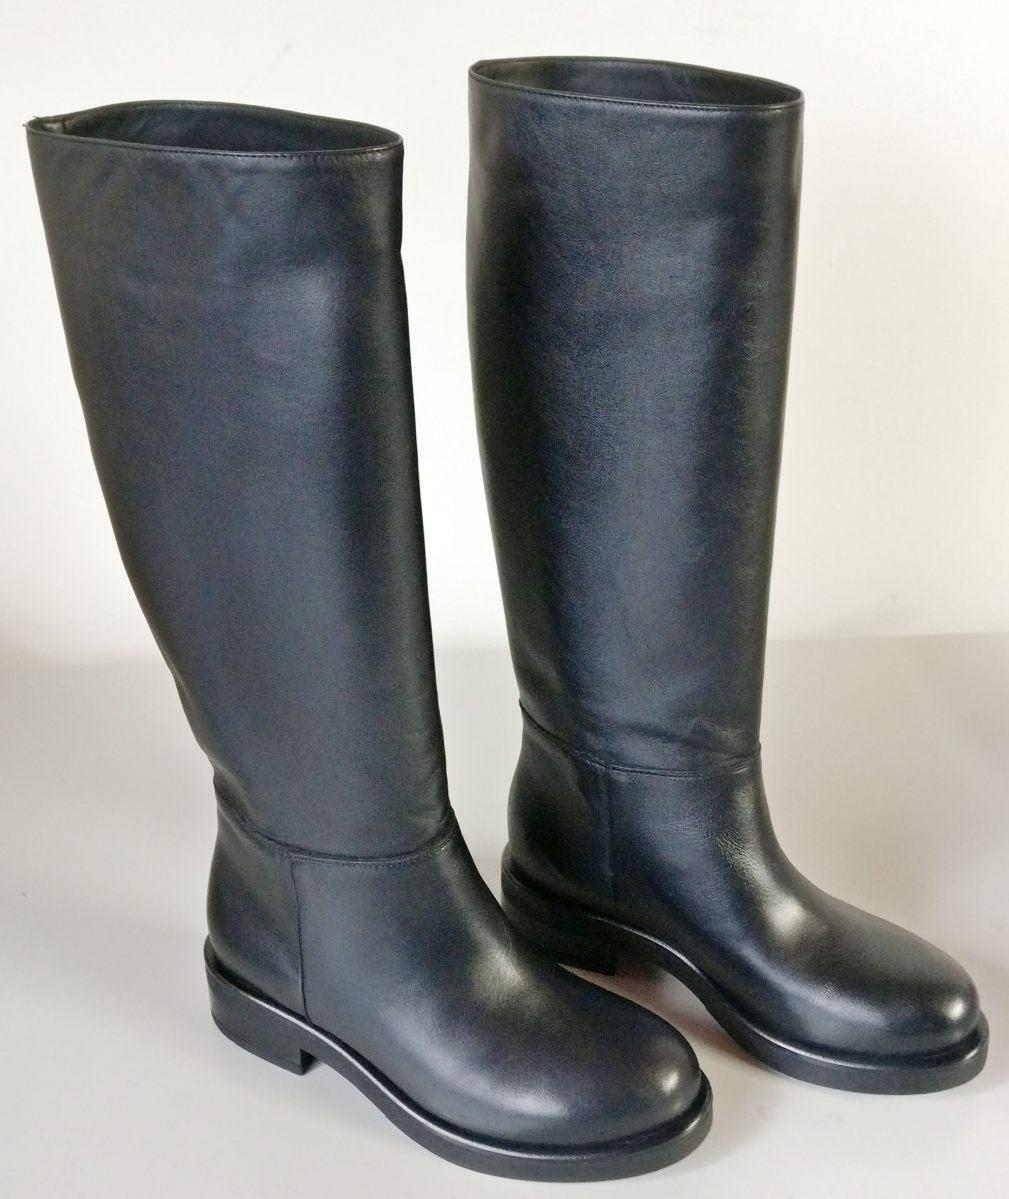 Stivali vitello nero senza zip tacco 3 cm